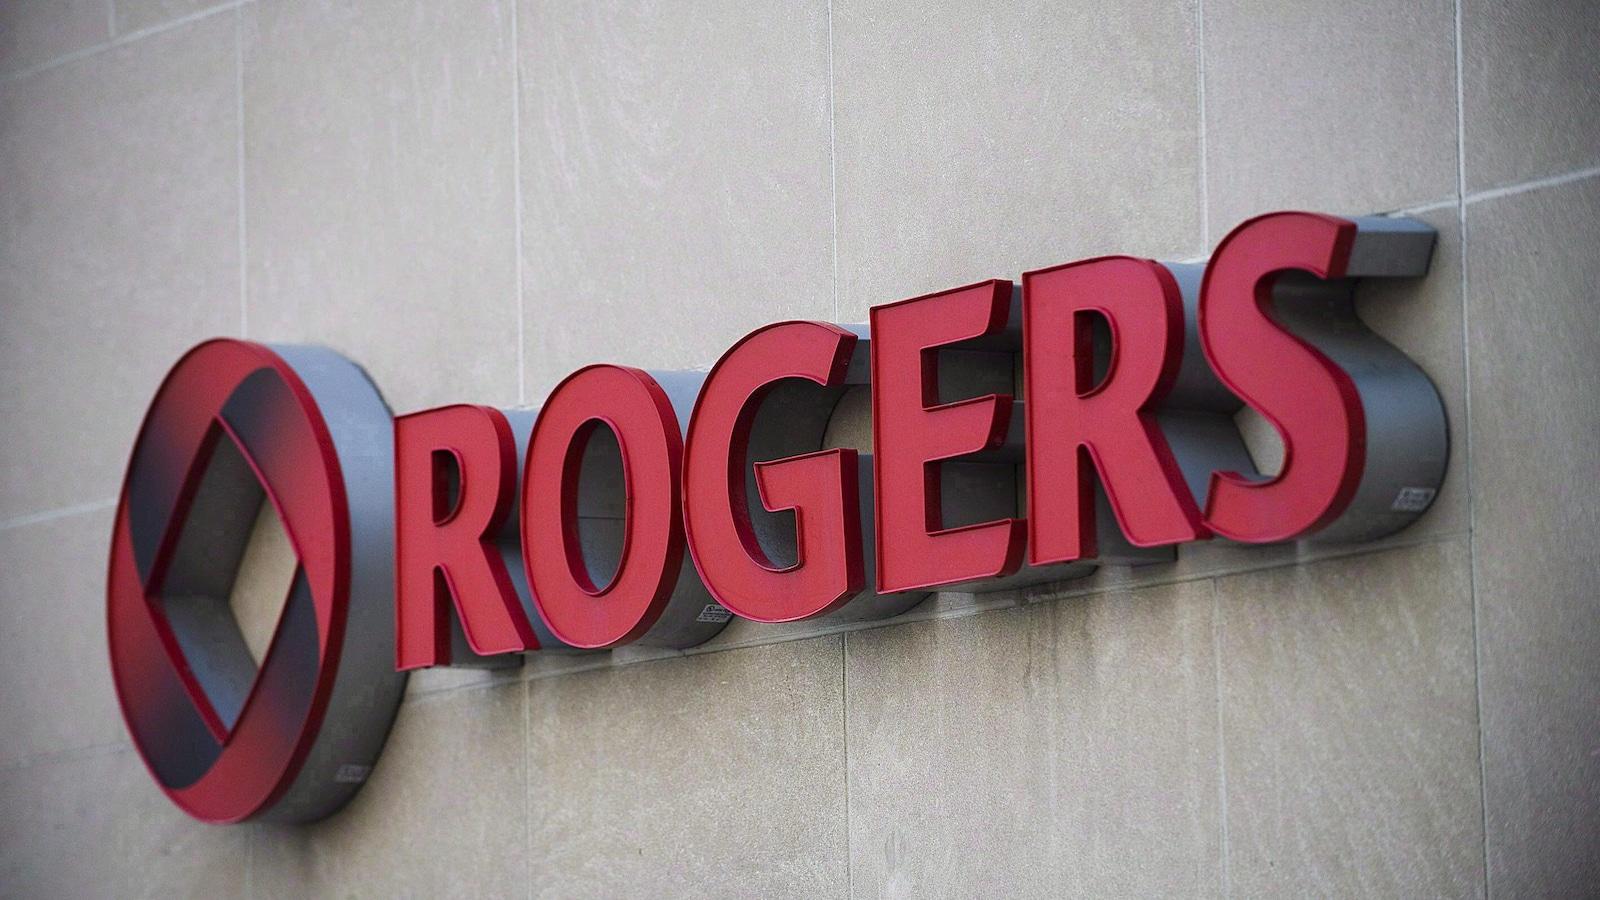 Logo de la compagnie Rogers sur un mur en rouge